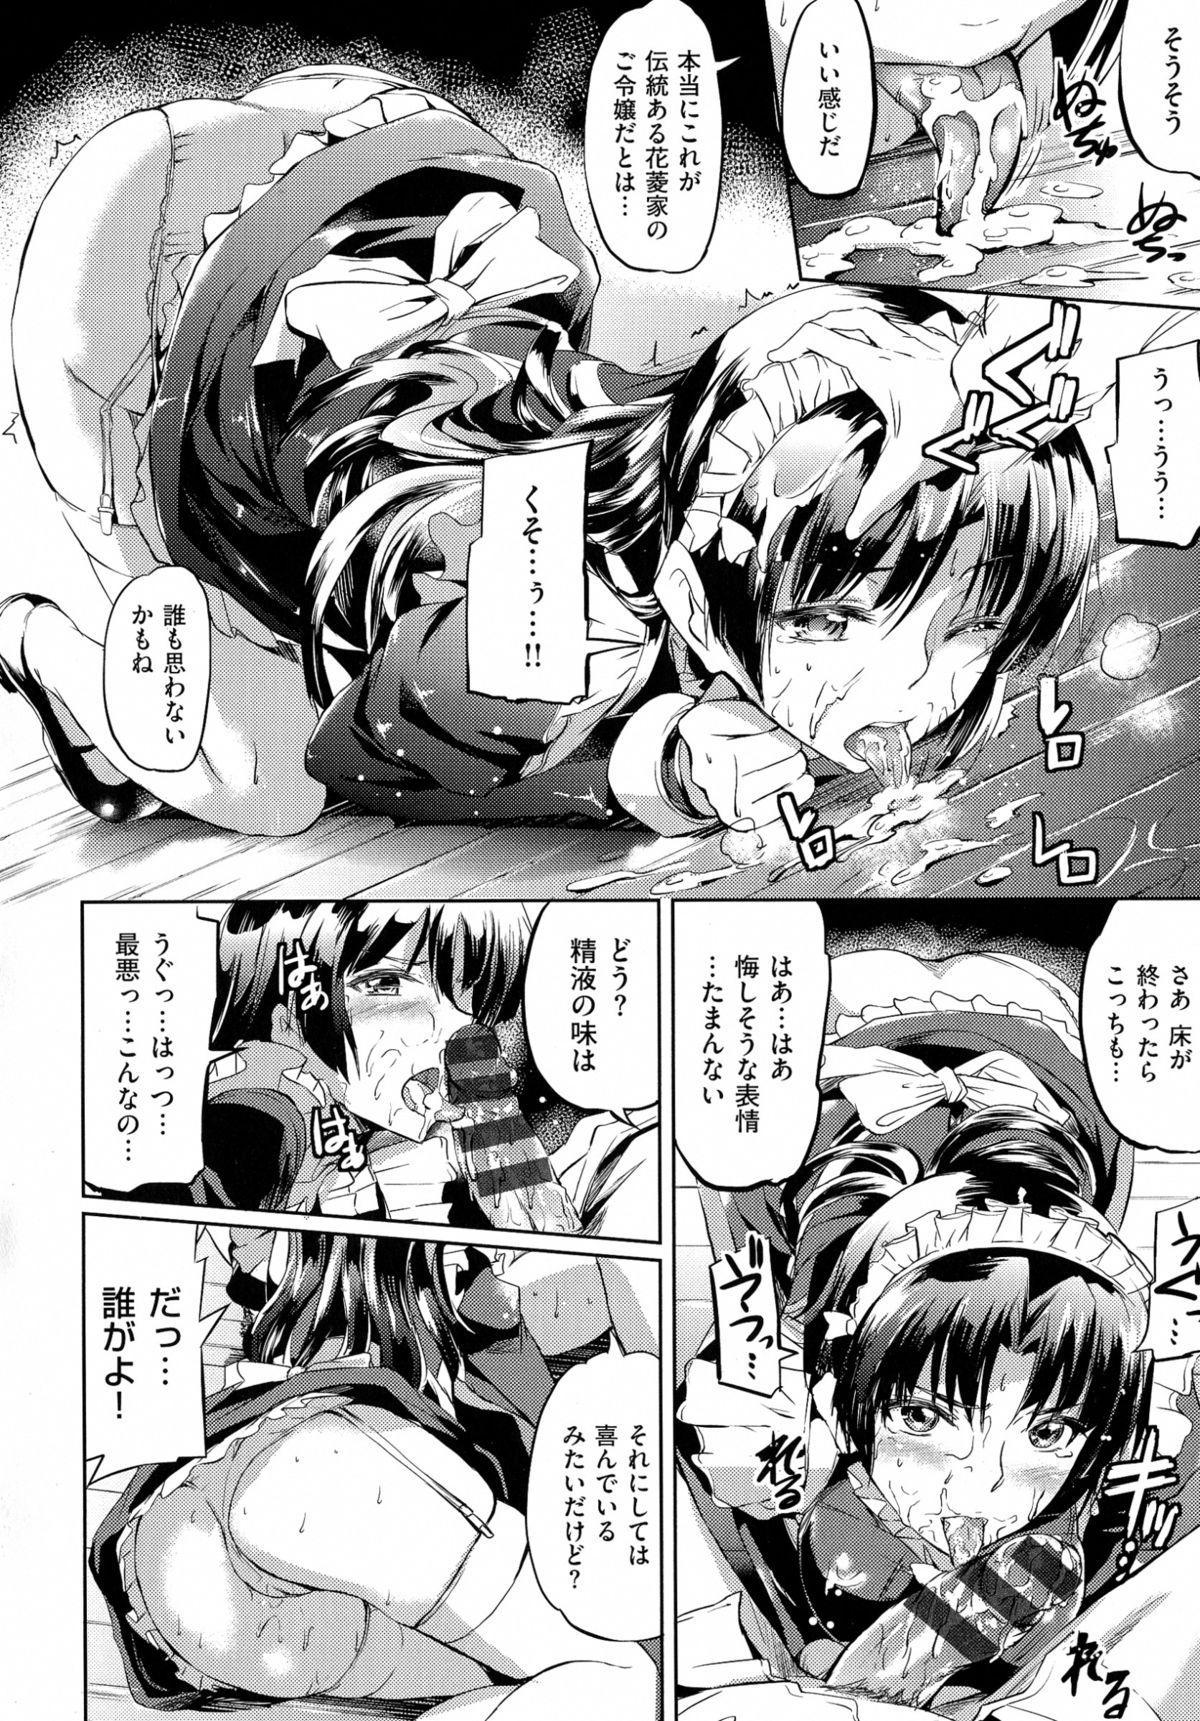 Ojou-sama no Maid Jijou 110